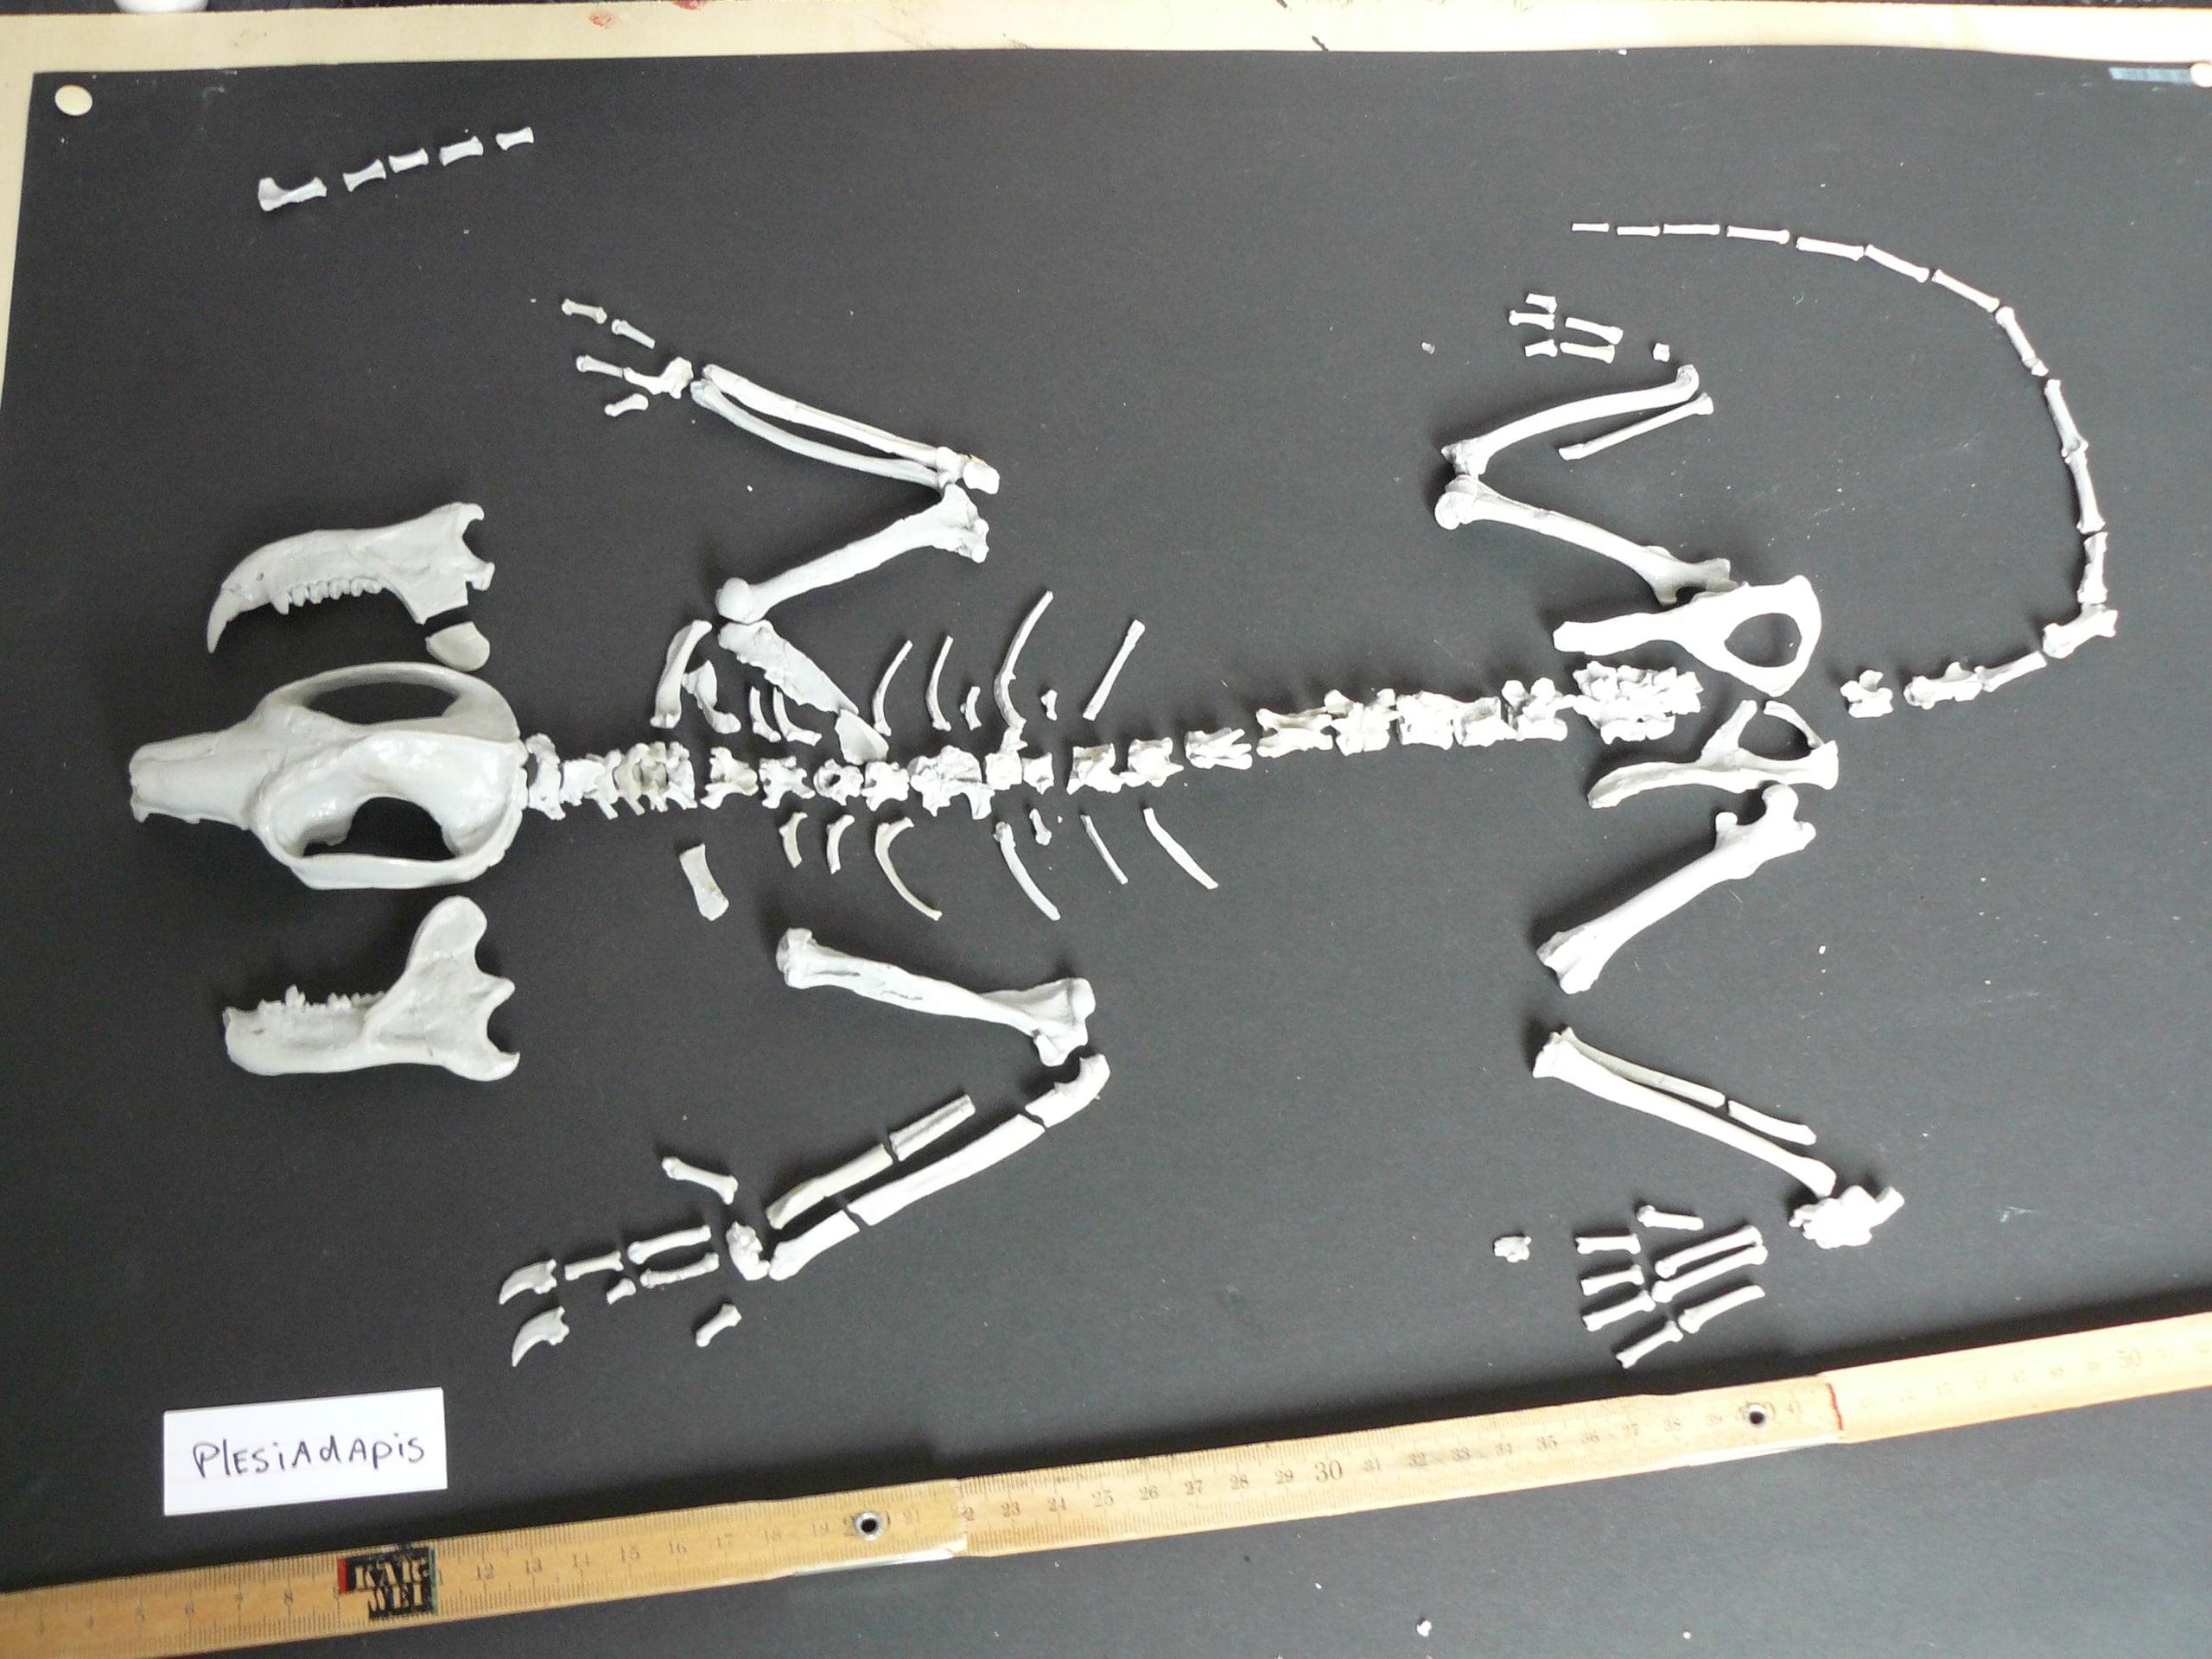 Modellen & Reconstructies | Plesiadapis I | Brussel Natuur Museum